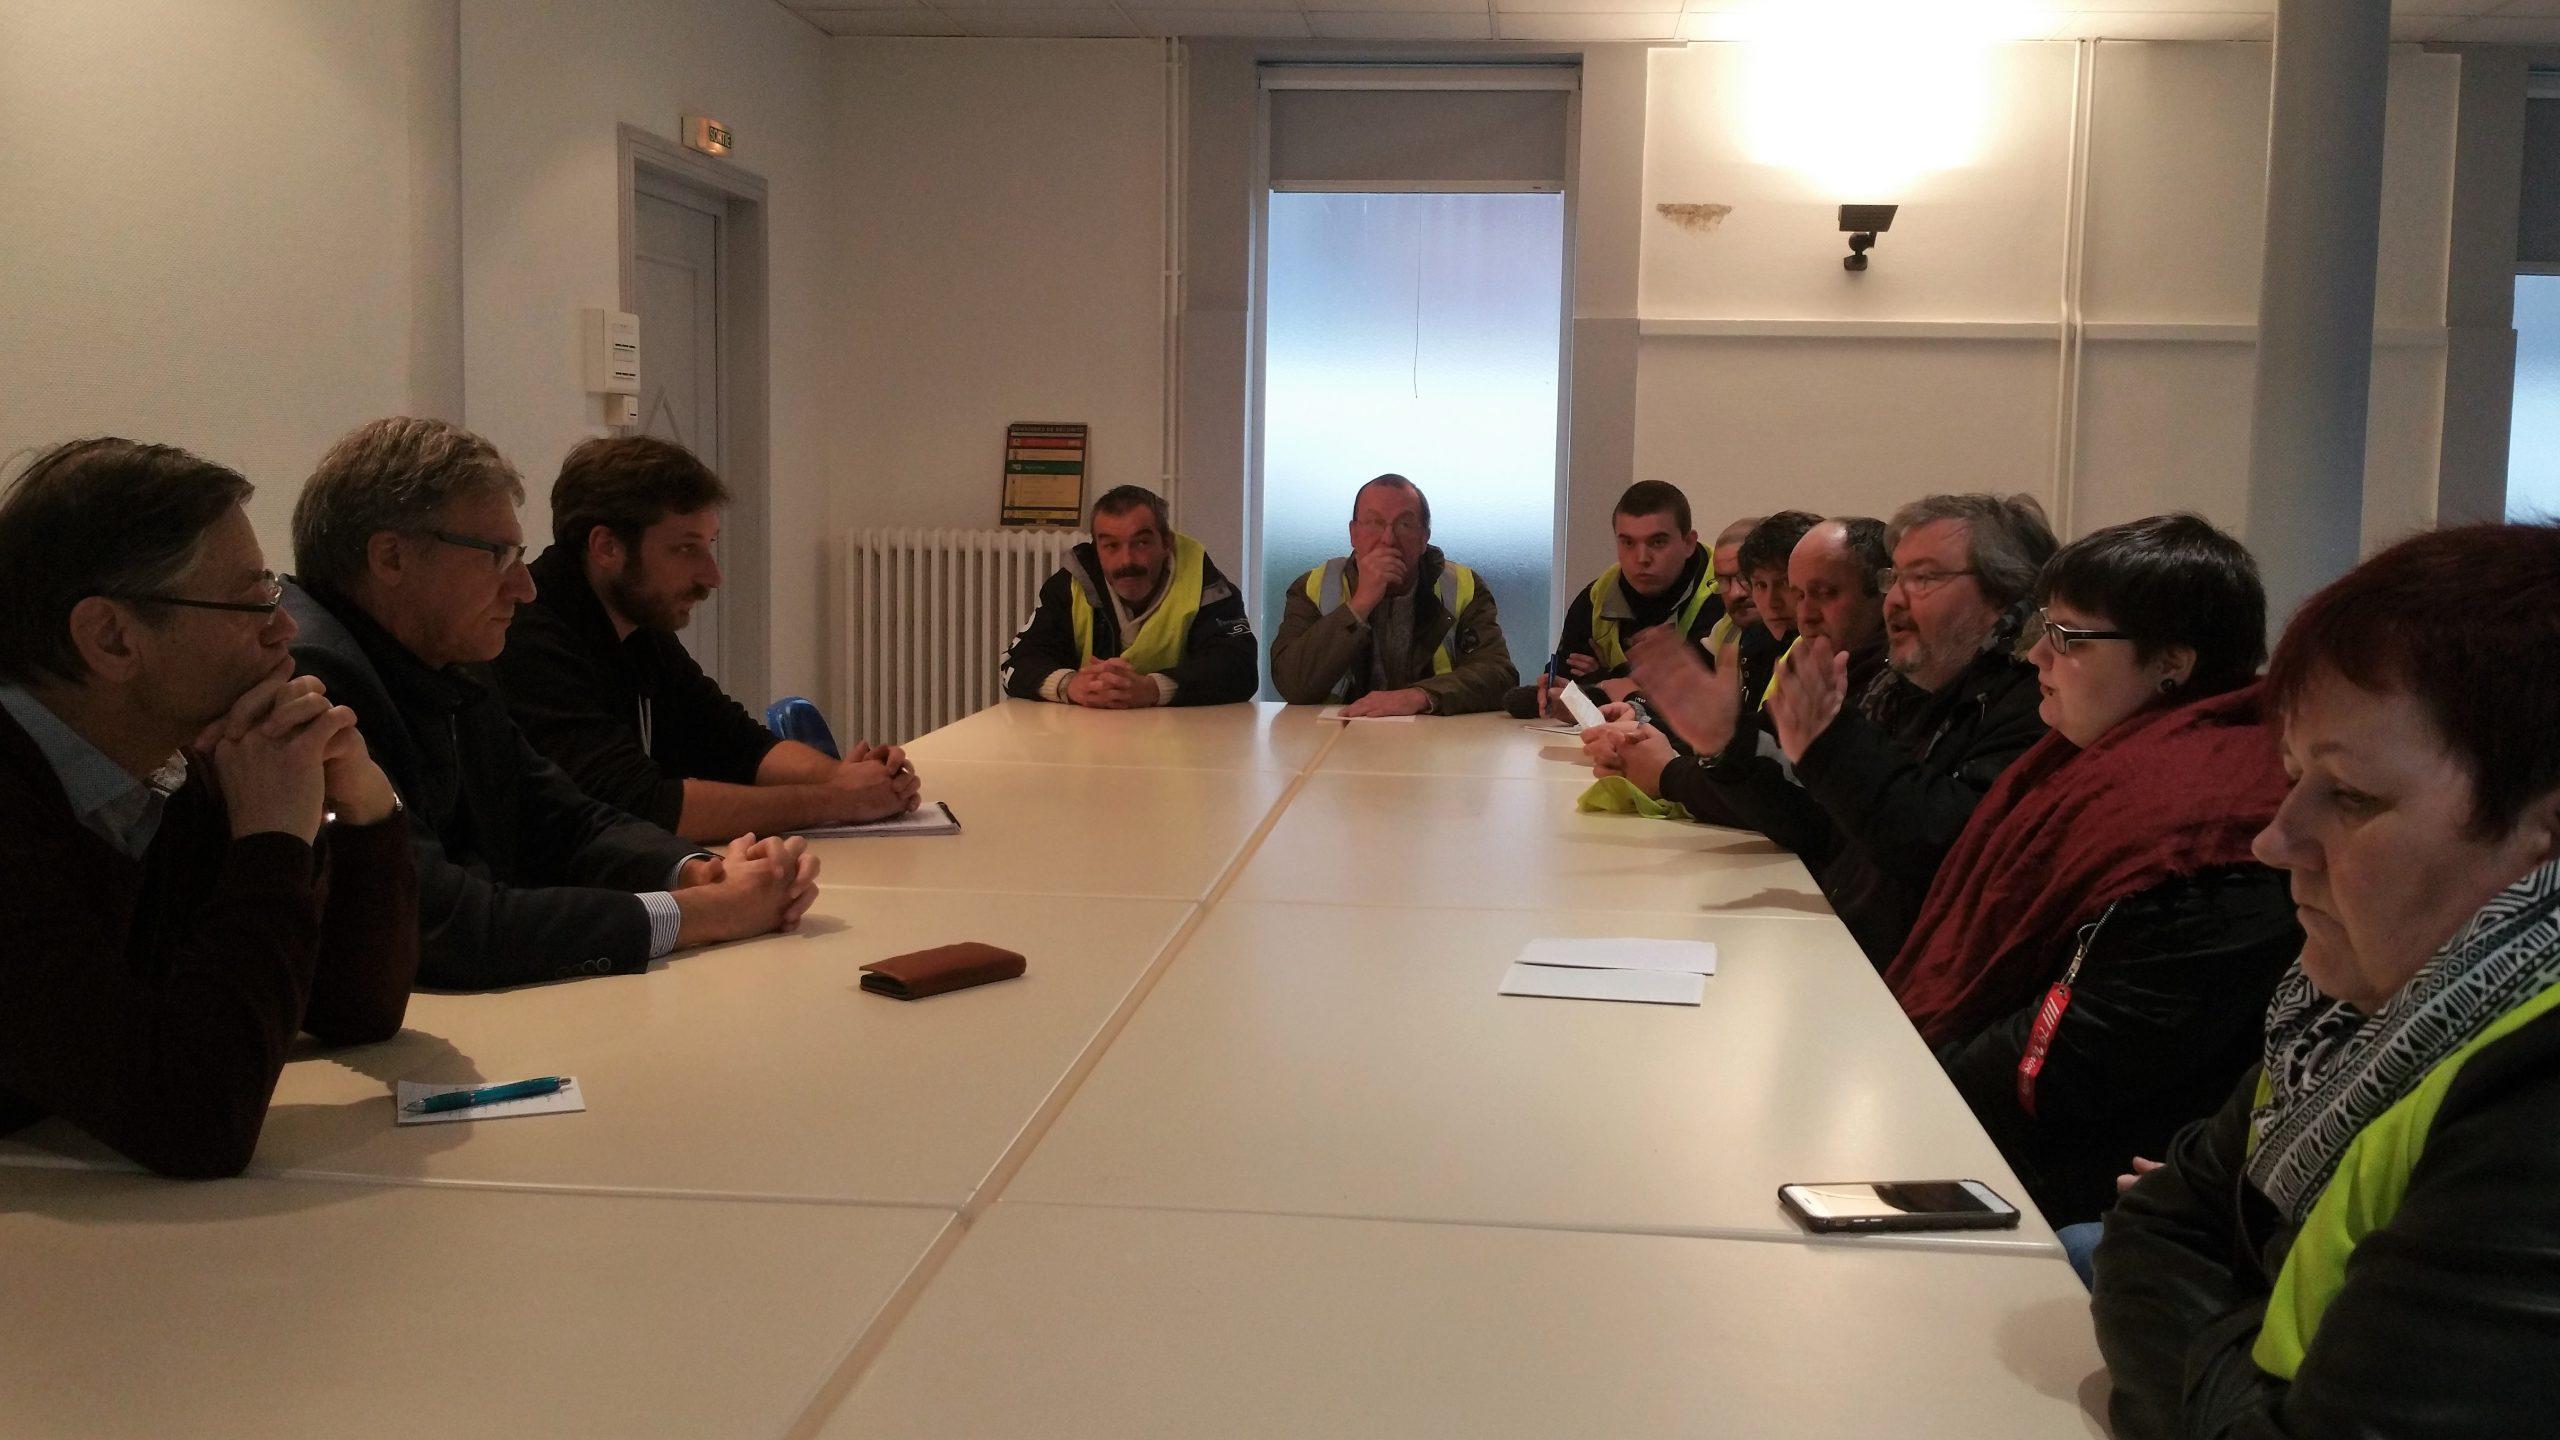 Dix gilets jaunes témoignent de leur détresse au député et au maire de St-Pol